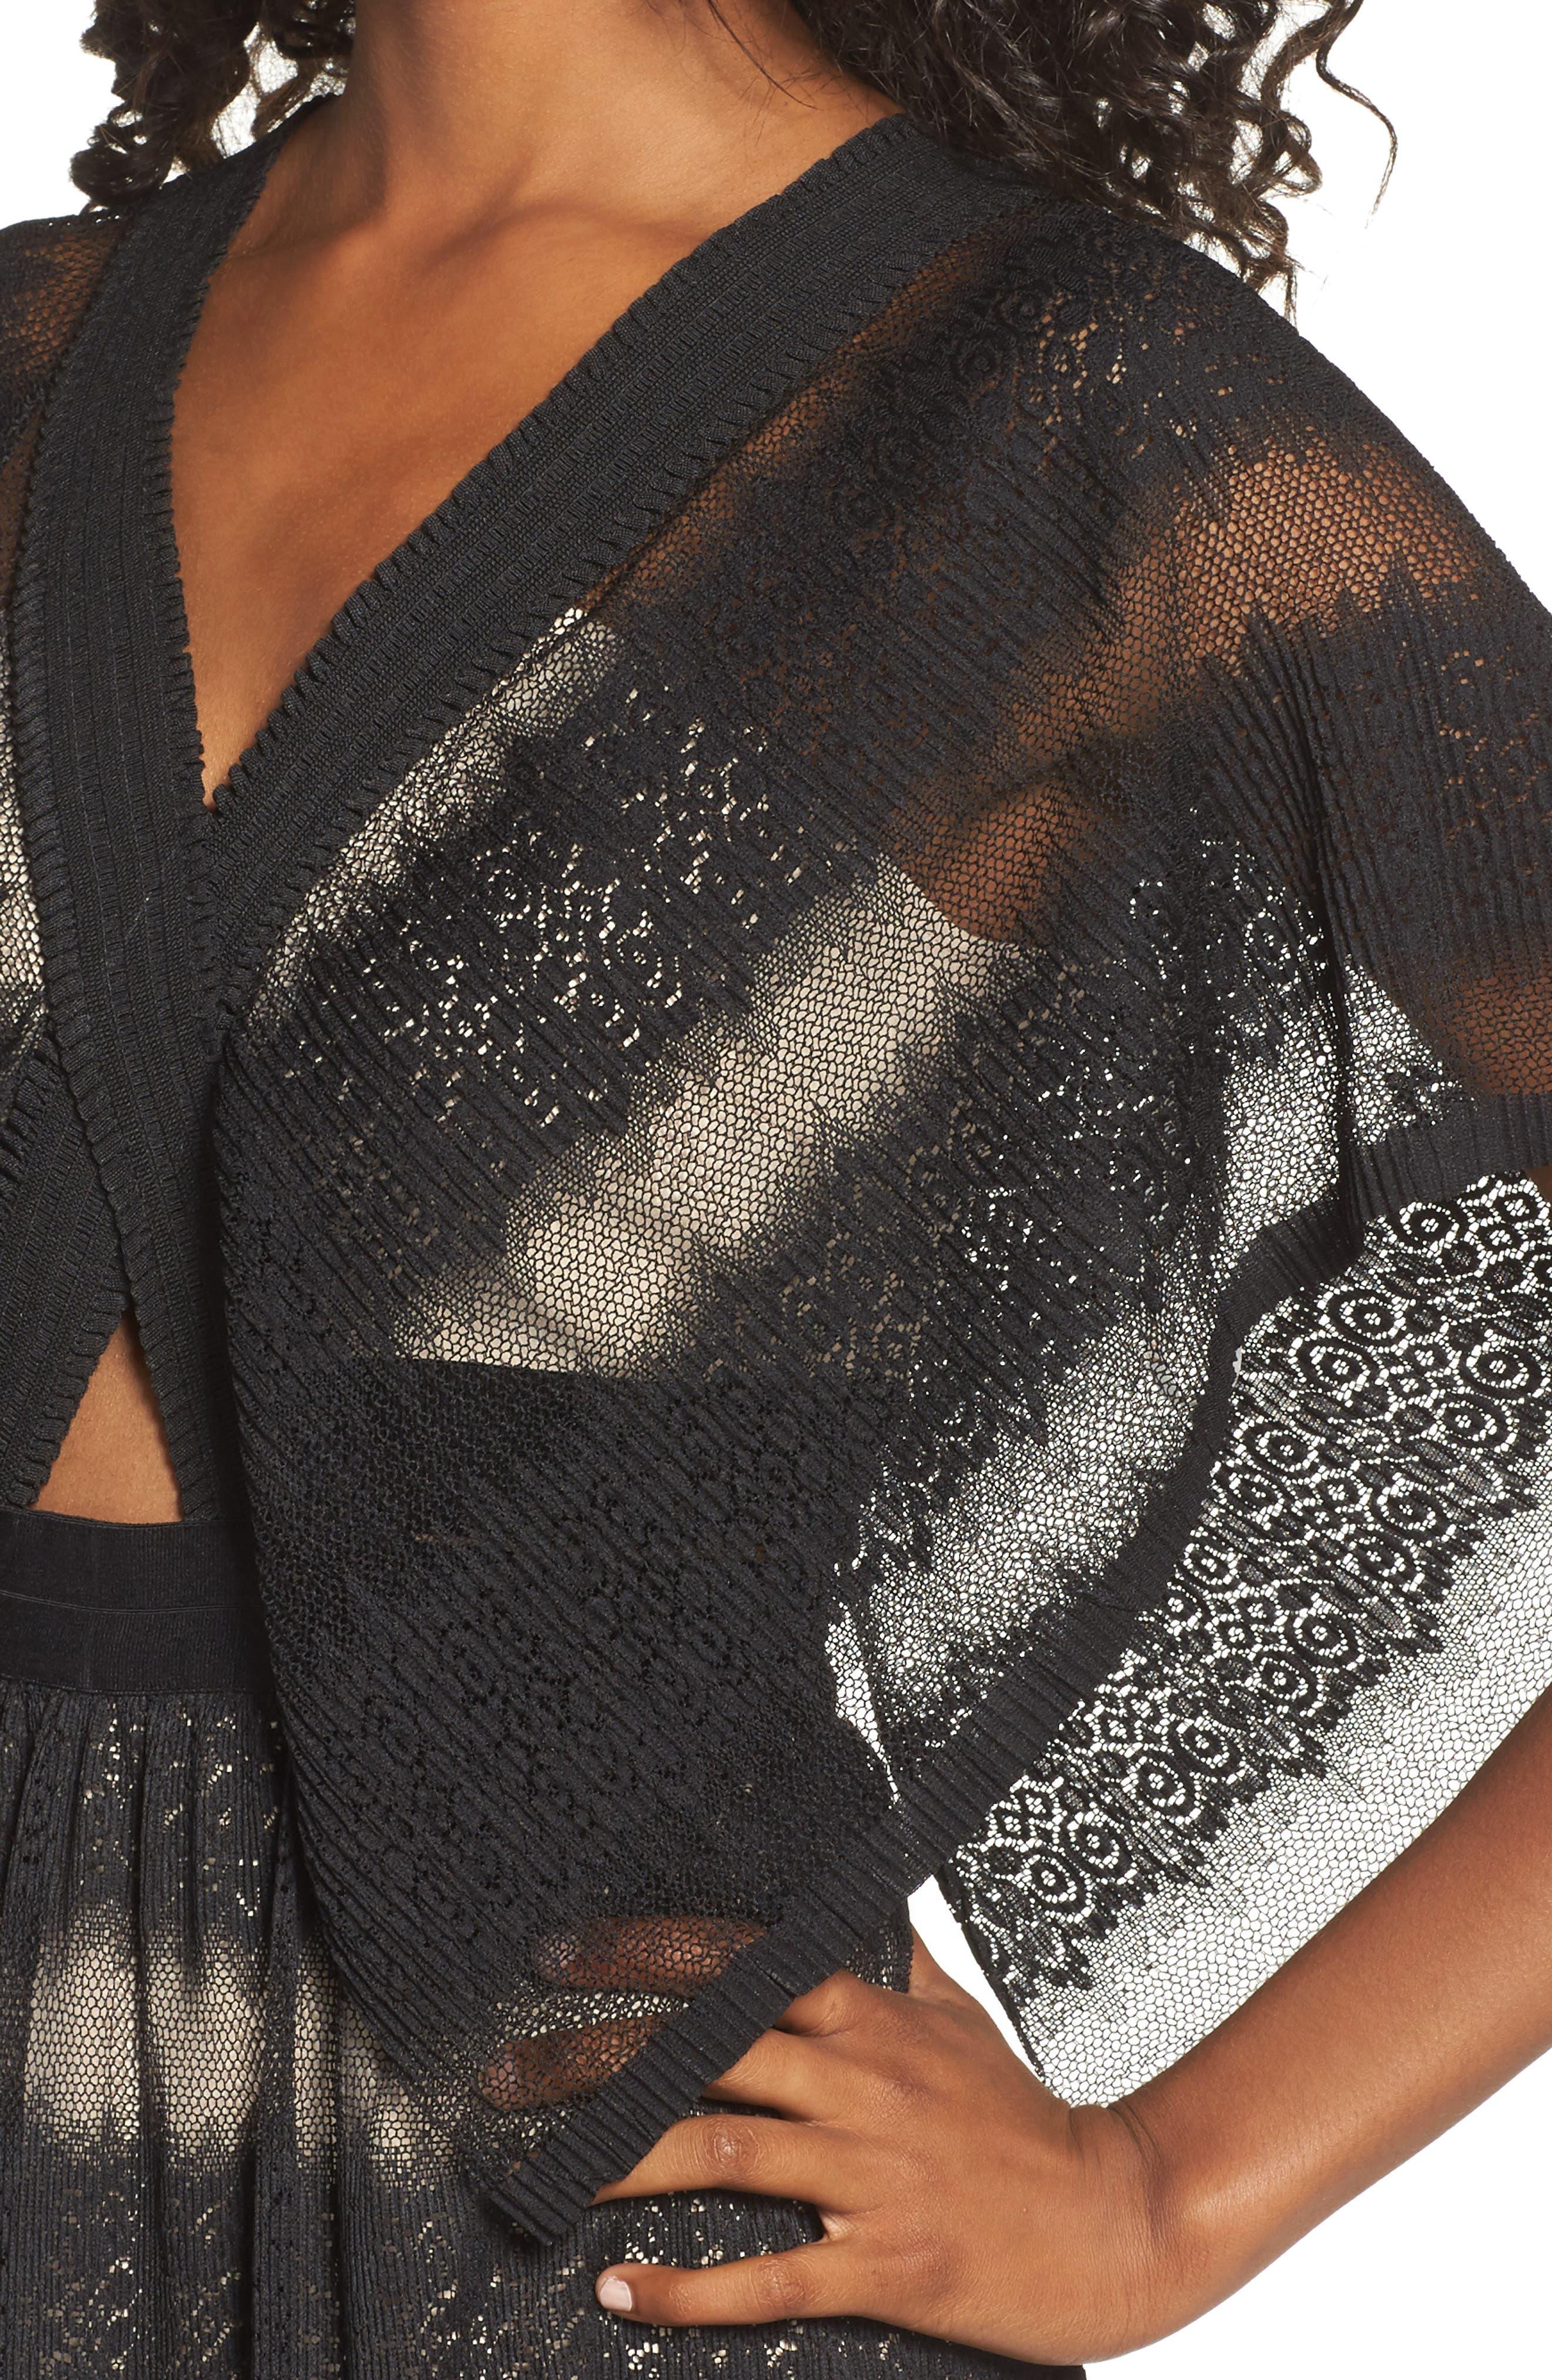 Angelique Deep V-Neck Lace Dress,                             Alternate thumbnail 4, color,                             001